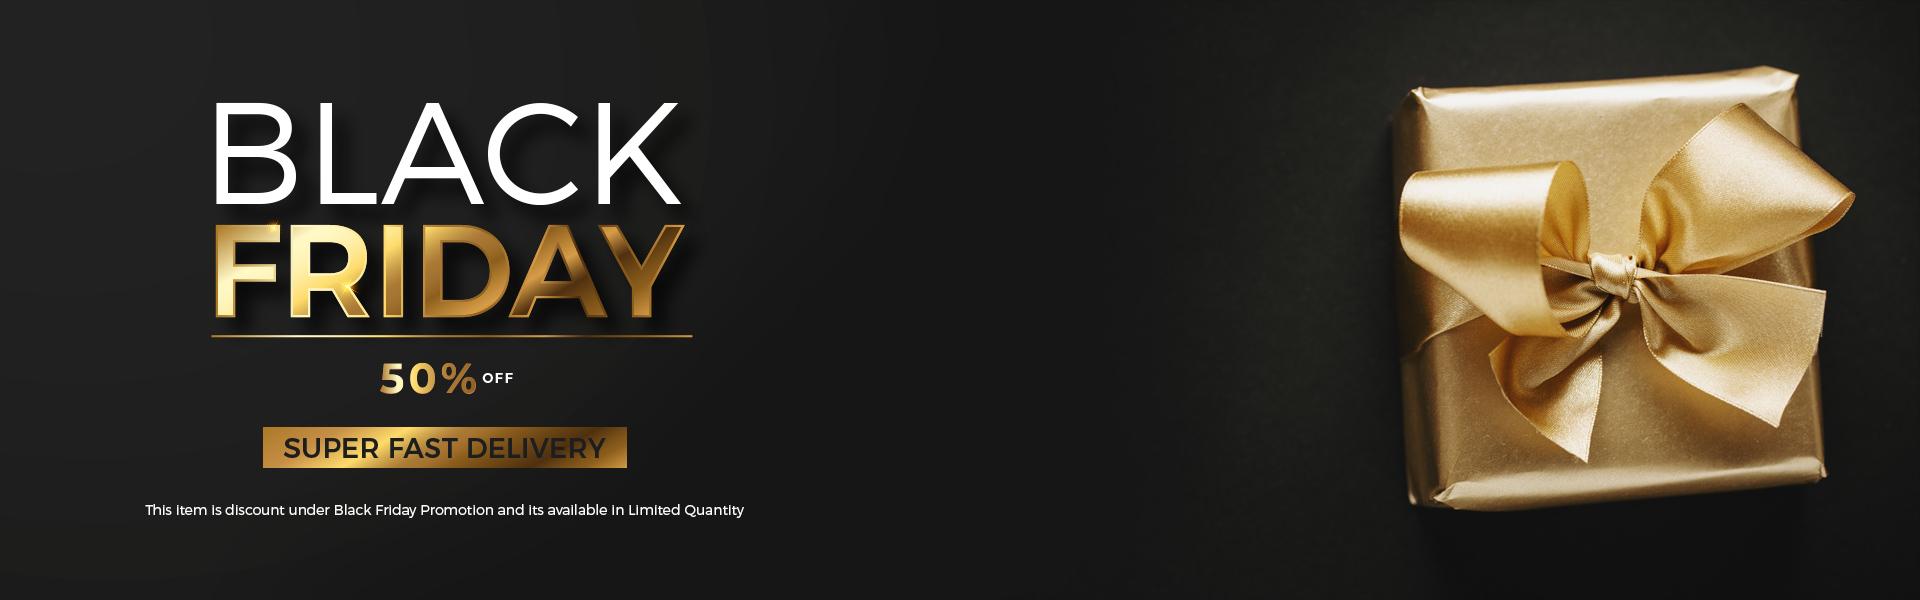 blackfriday-banner50-nofs.jpg